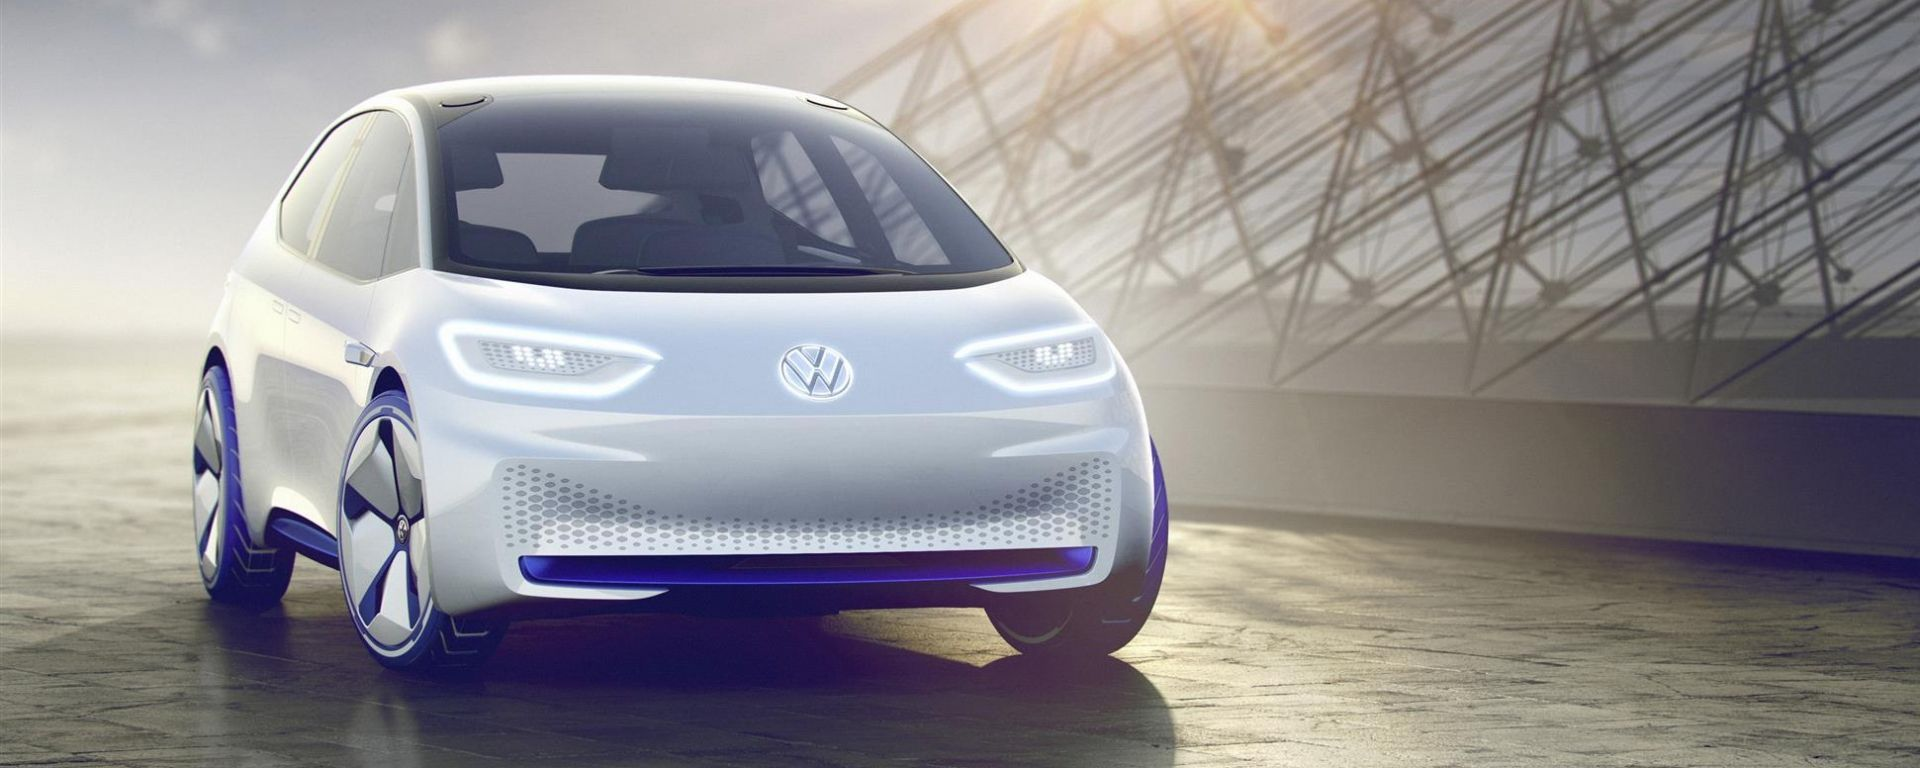 Volkswagen Transform 2025+: il piano di rilancio